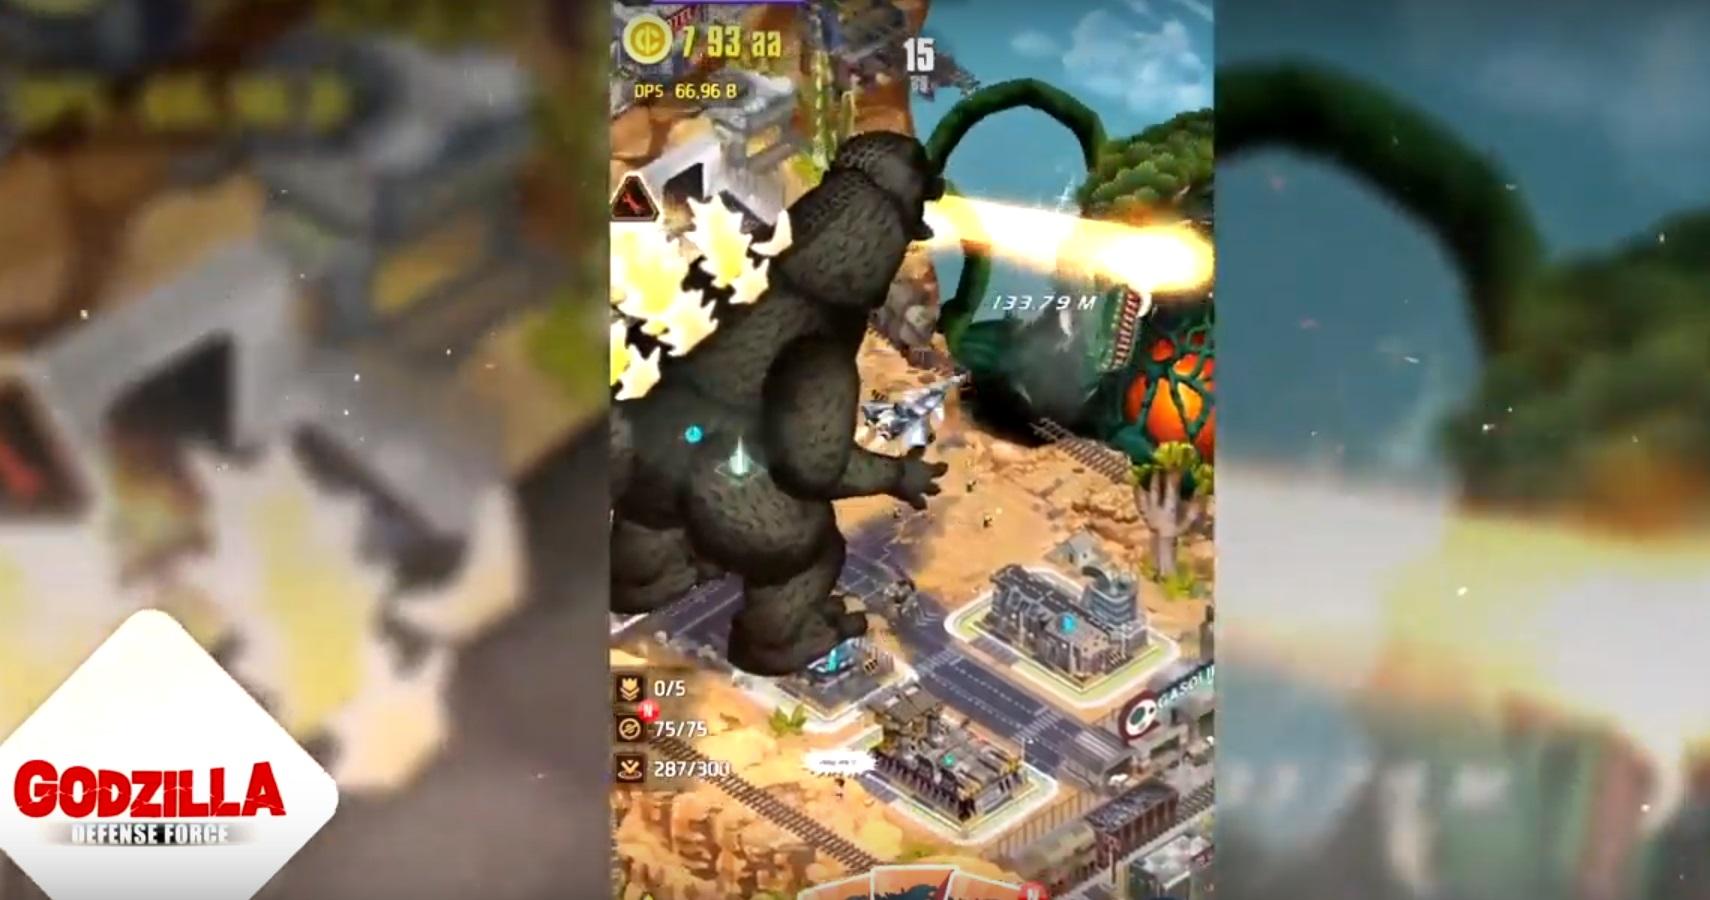 Godzilla Defense Force 2342019 1